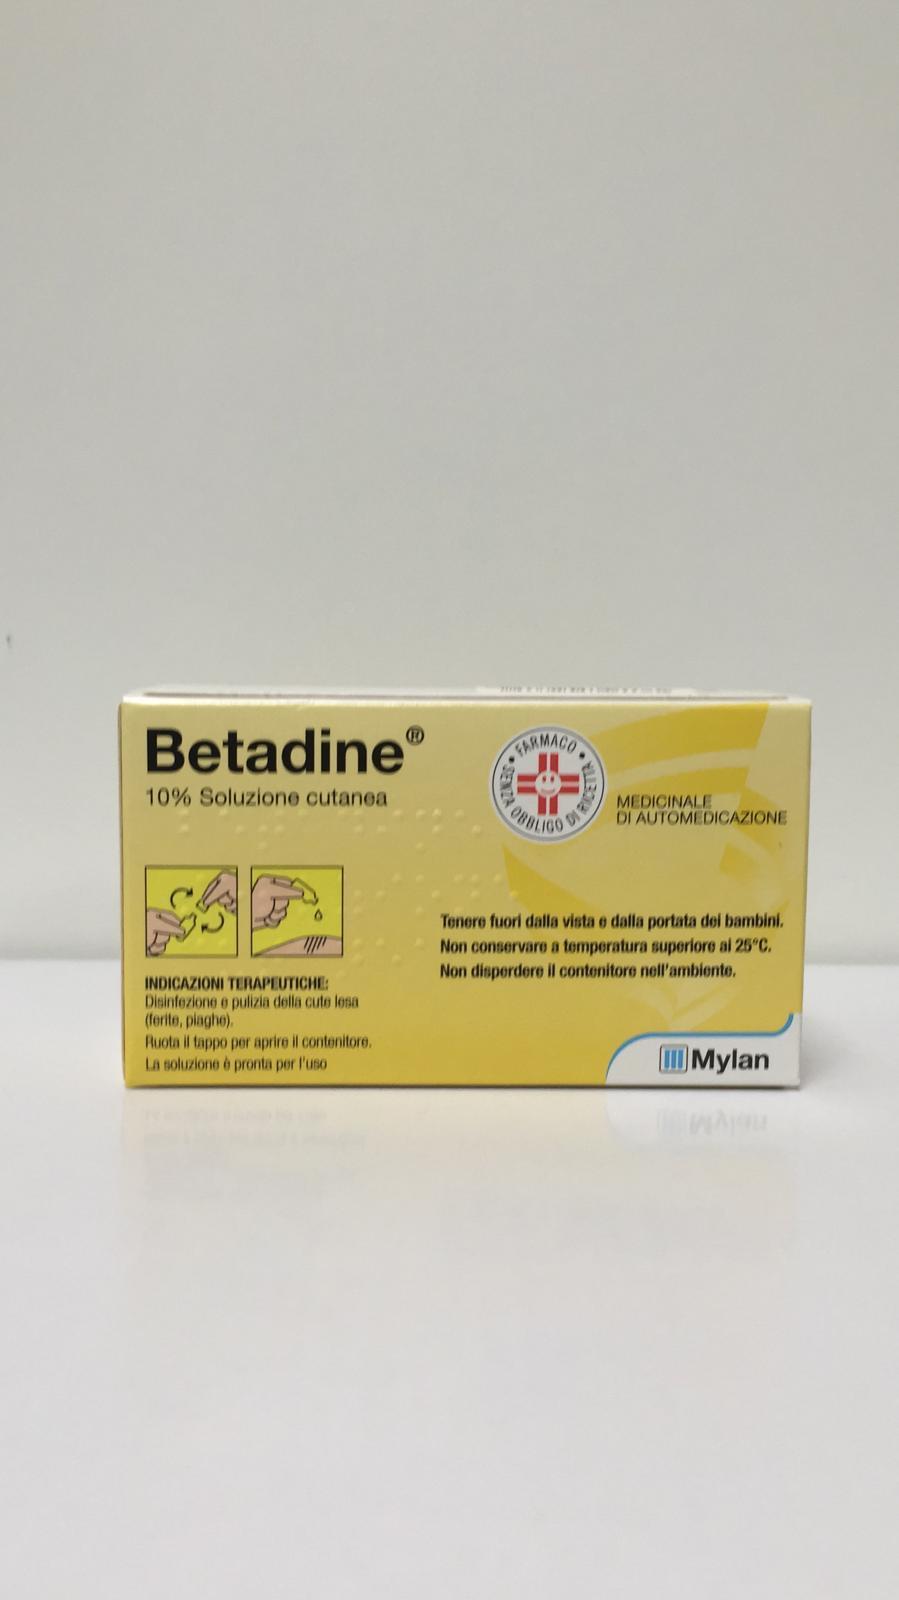 Betadine Soluzione Cutanea 10% 10 Flaconcini - Arcafarma.it